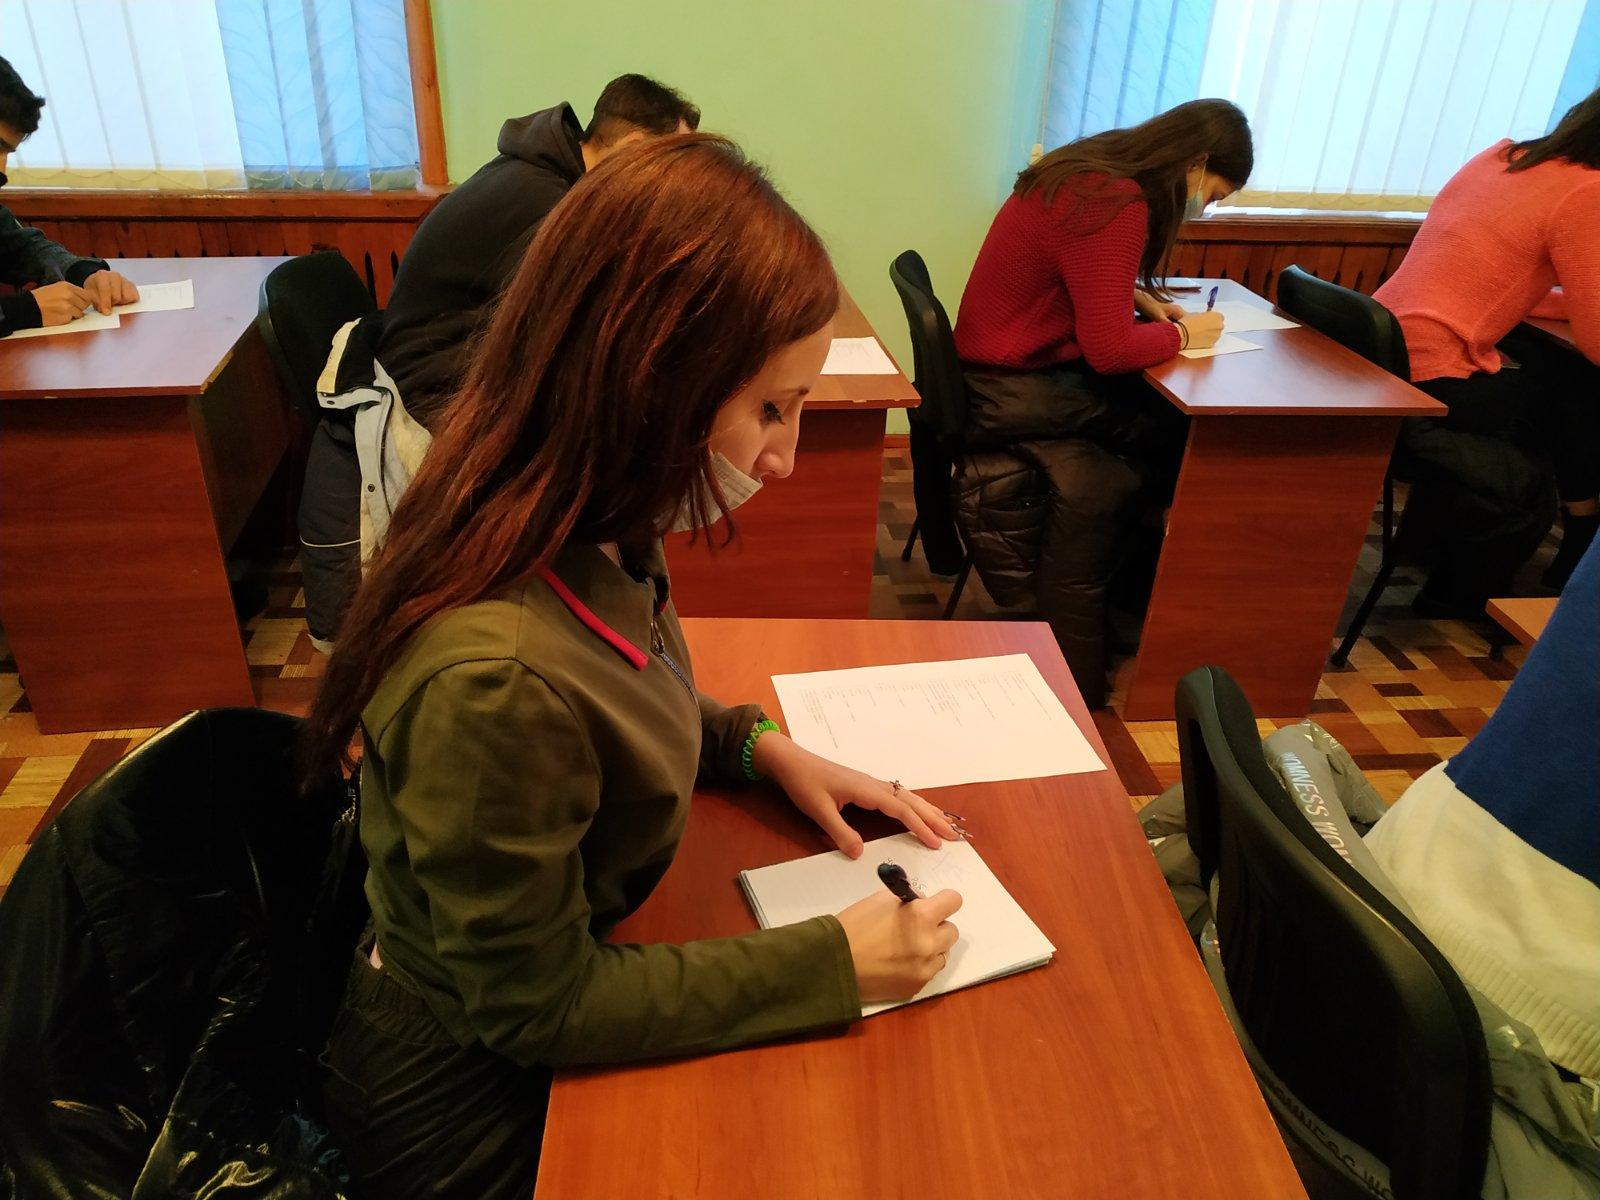 ХІ Міжнародний мовно-літературний конкурс учнівської молоді імені Тараса Шевченка